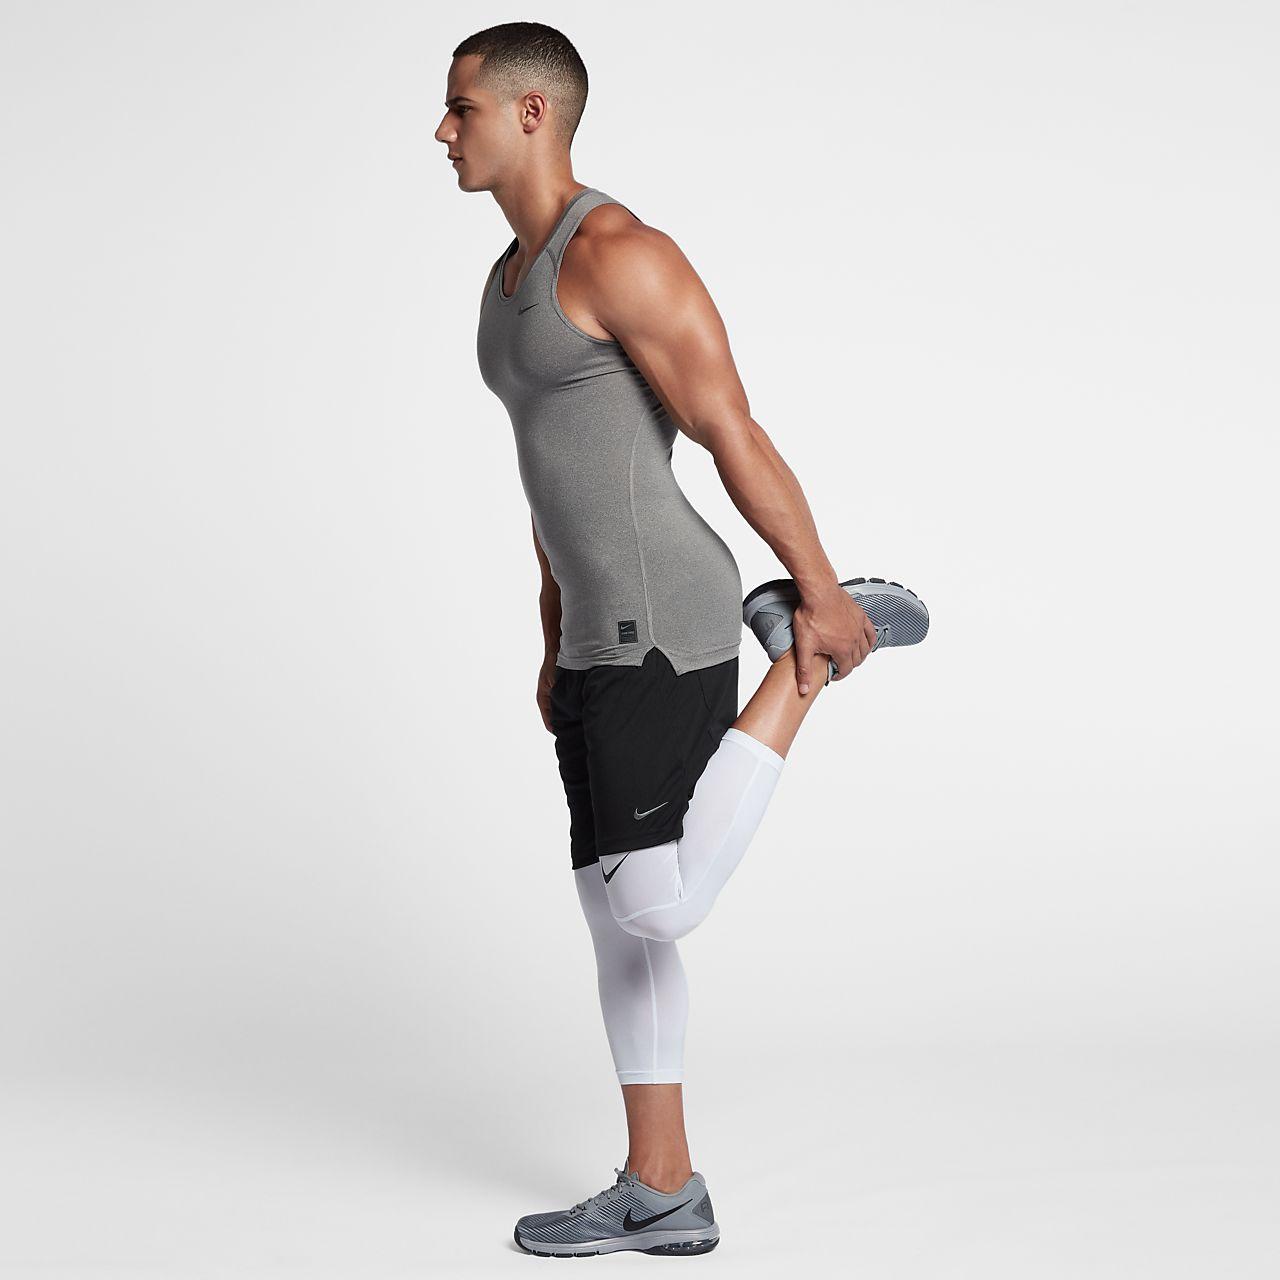 95172203a2254 Nike Pro Men's 3/4 Training Tights. Nike.com